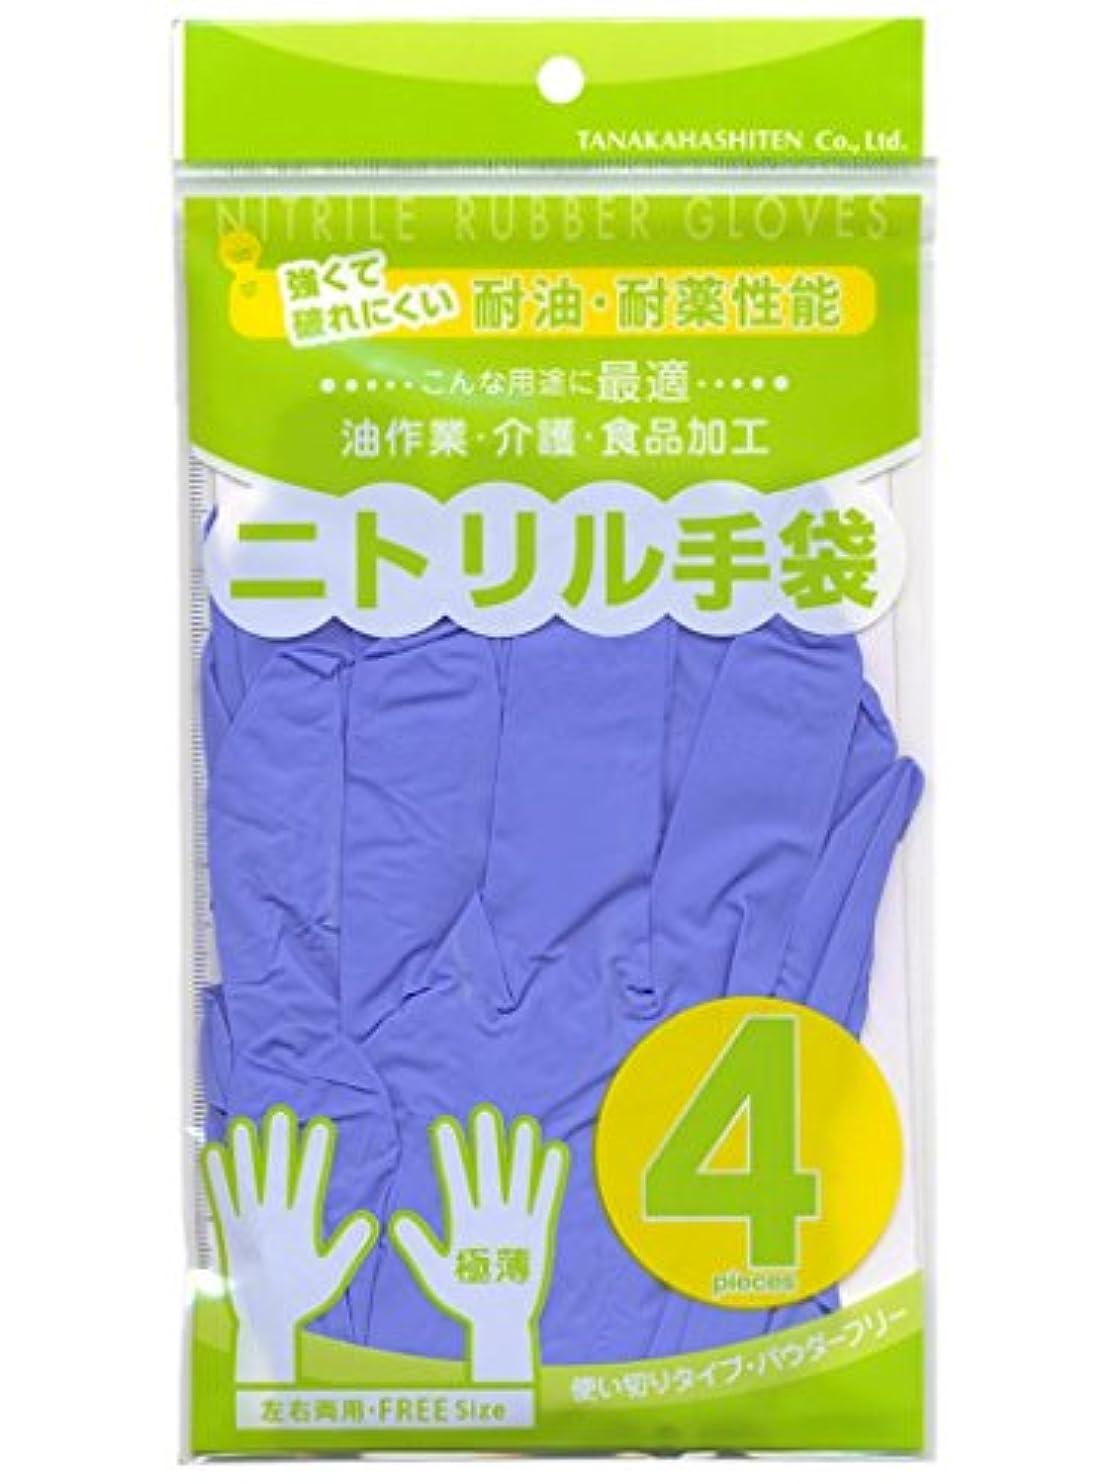 ピアノを弾くバラ色マート田中箸店 ニトリル手袋 4P 【まとめ買い10セット】 059020